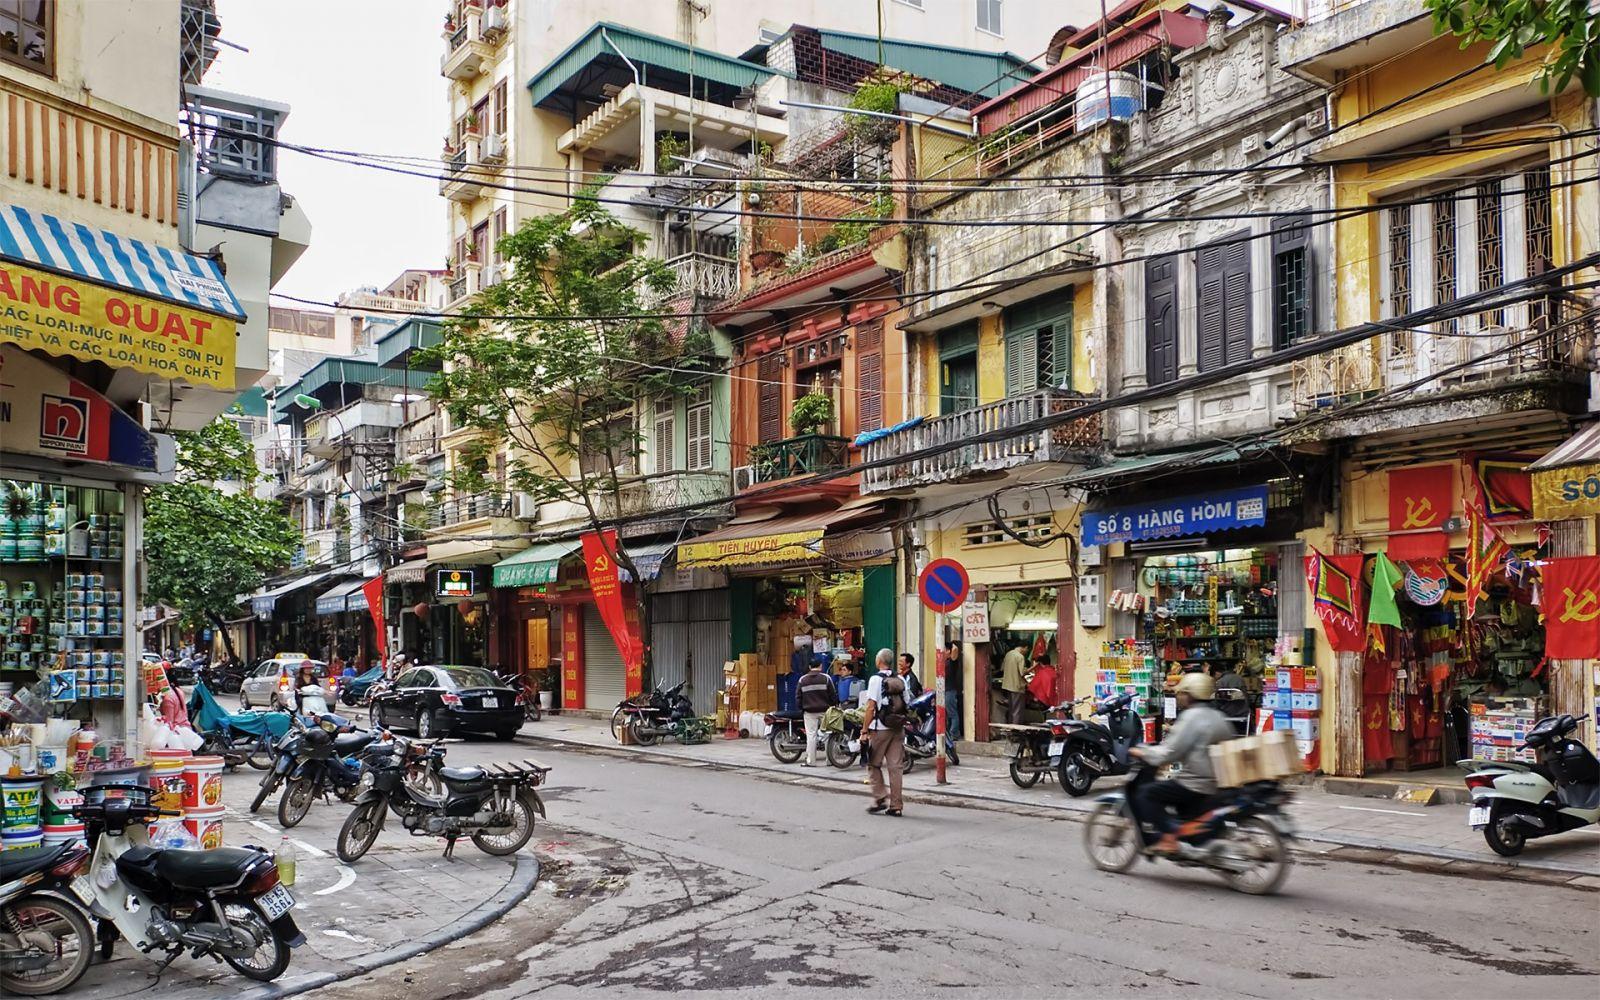 Phố cổ Hà Nội chỉ được phép xây nhà cao đến 4 tầng